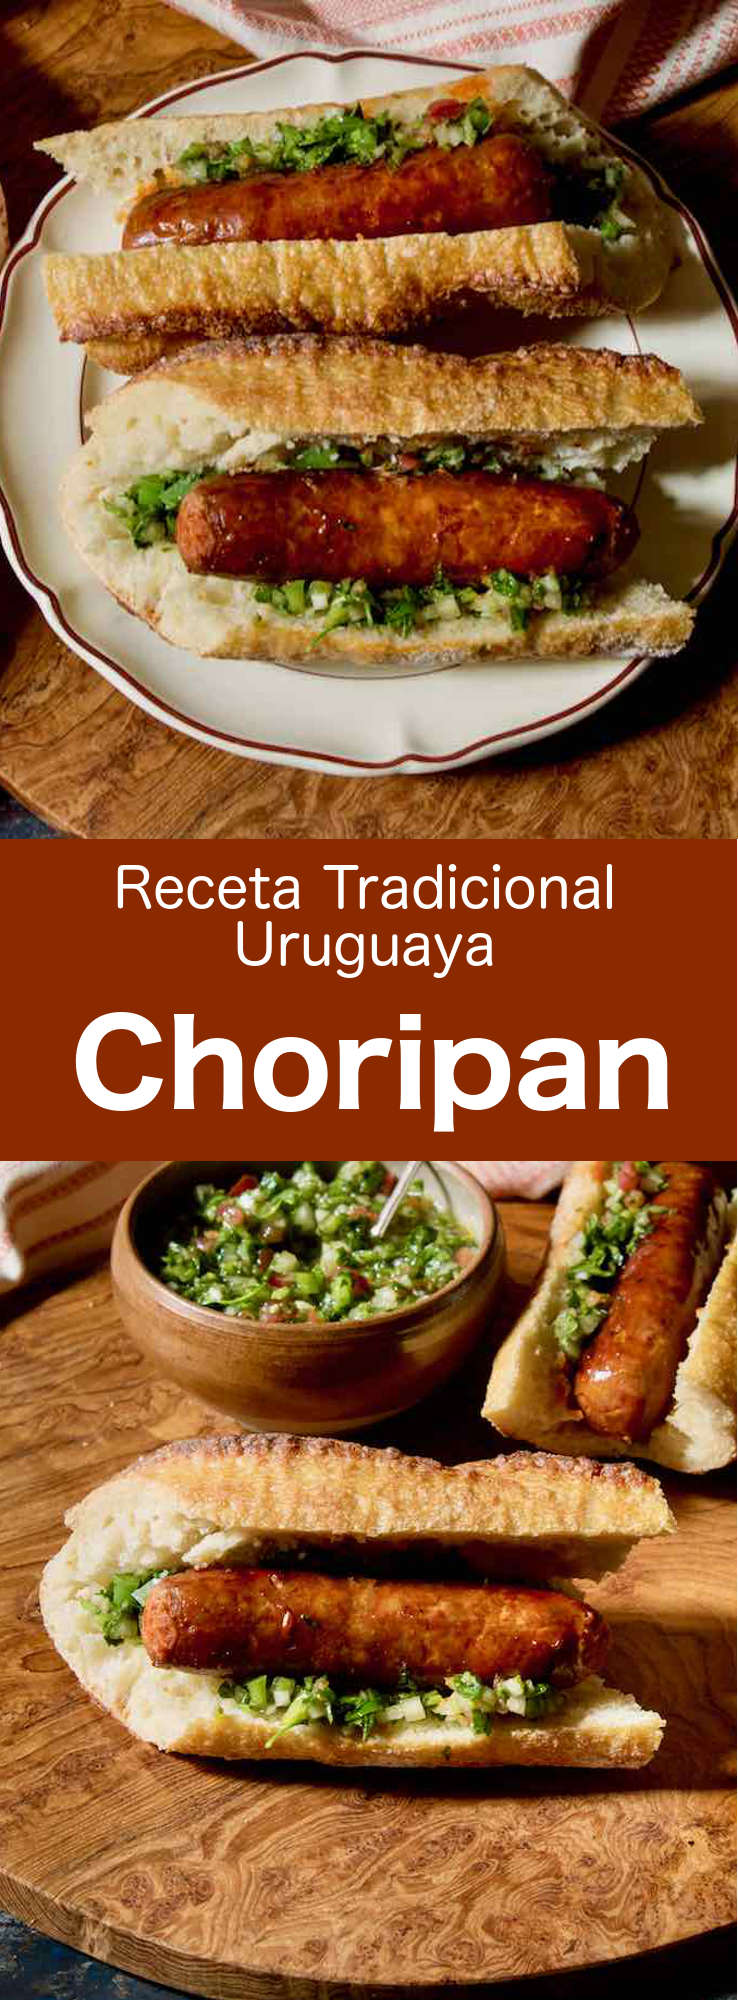 El choripán es un delicioso sándwich hecho con chorizo y salsa de chimichurri popular en Uruguay, Argentina y Chile.